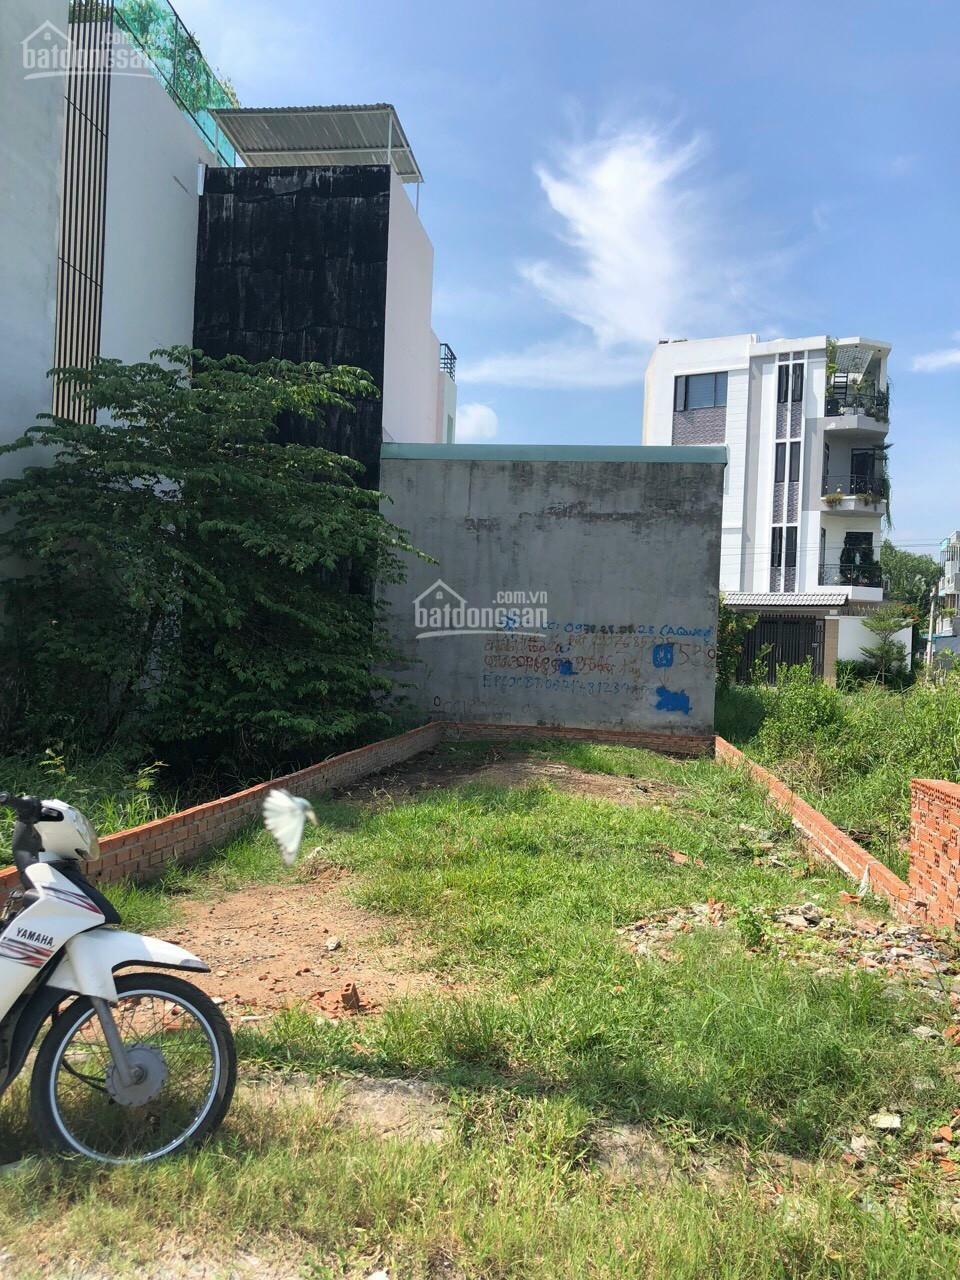 Bán lô đất nền đối diện siêu thị, tại Vĩnh Lộc B, sổ riêng, giá đầu tư